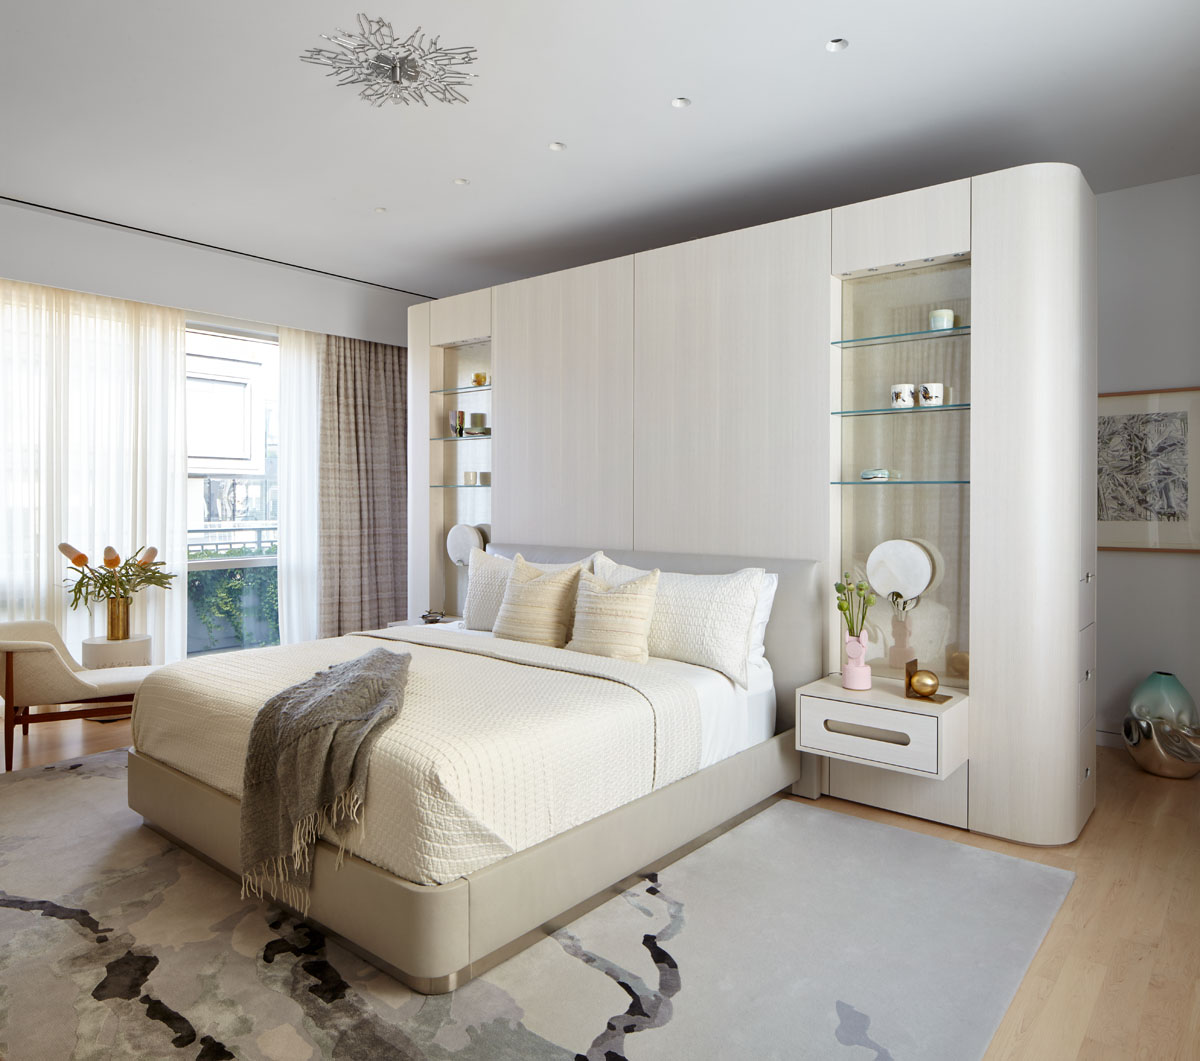 18th Street Triplex Master Bedroom